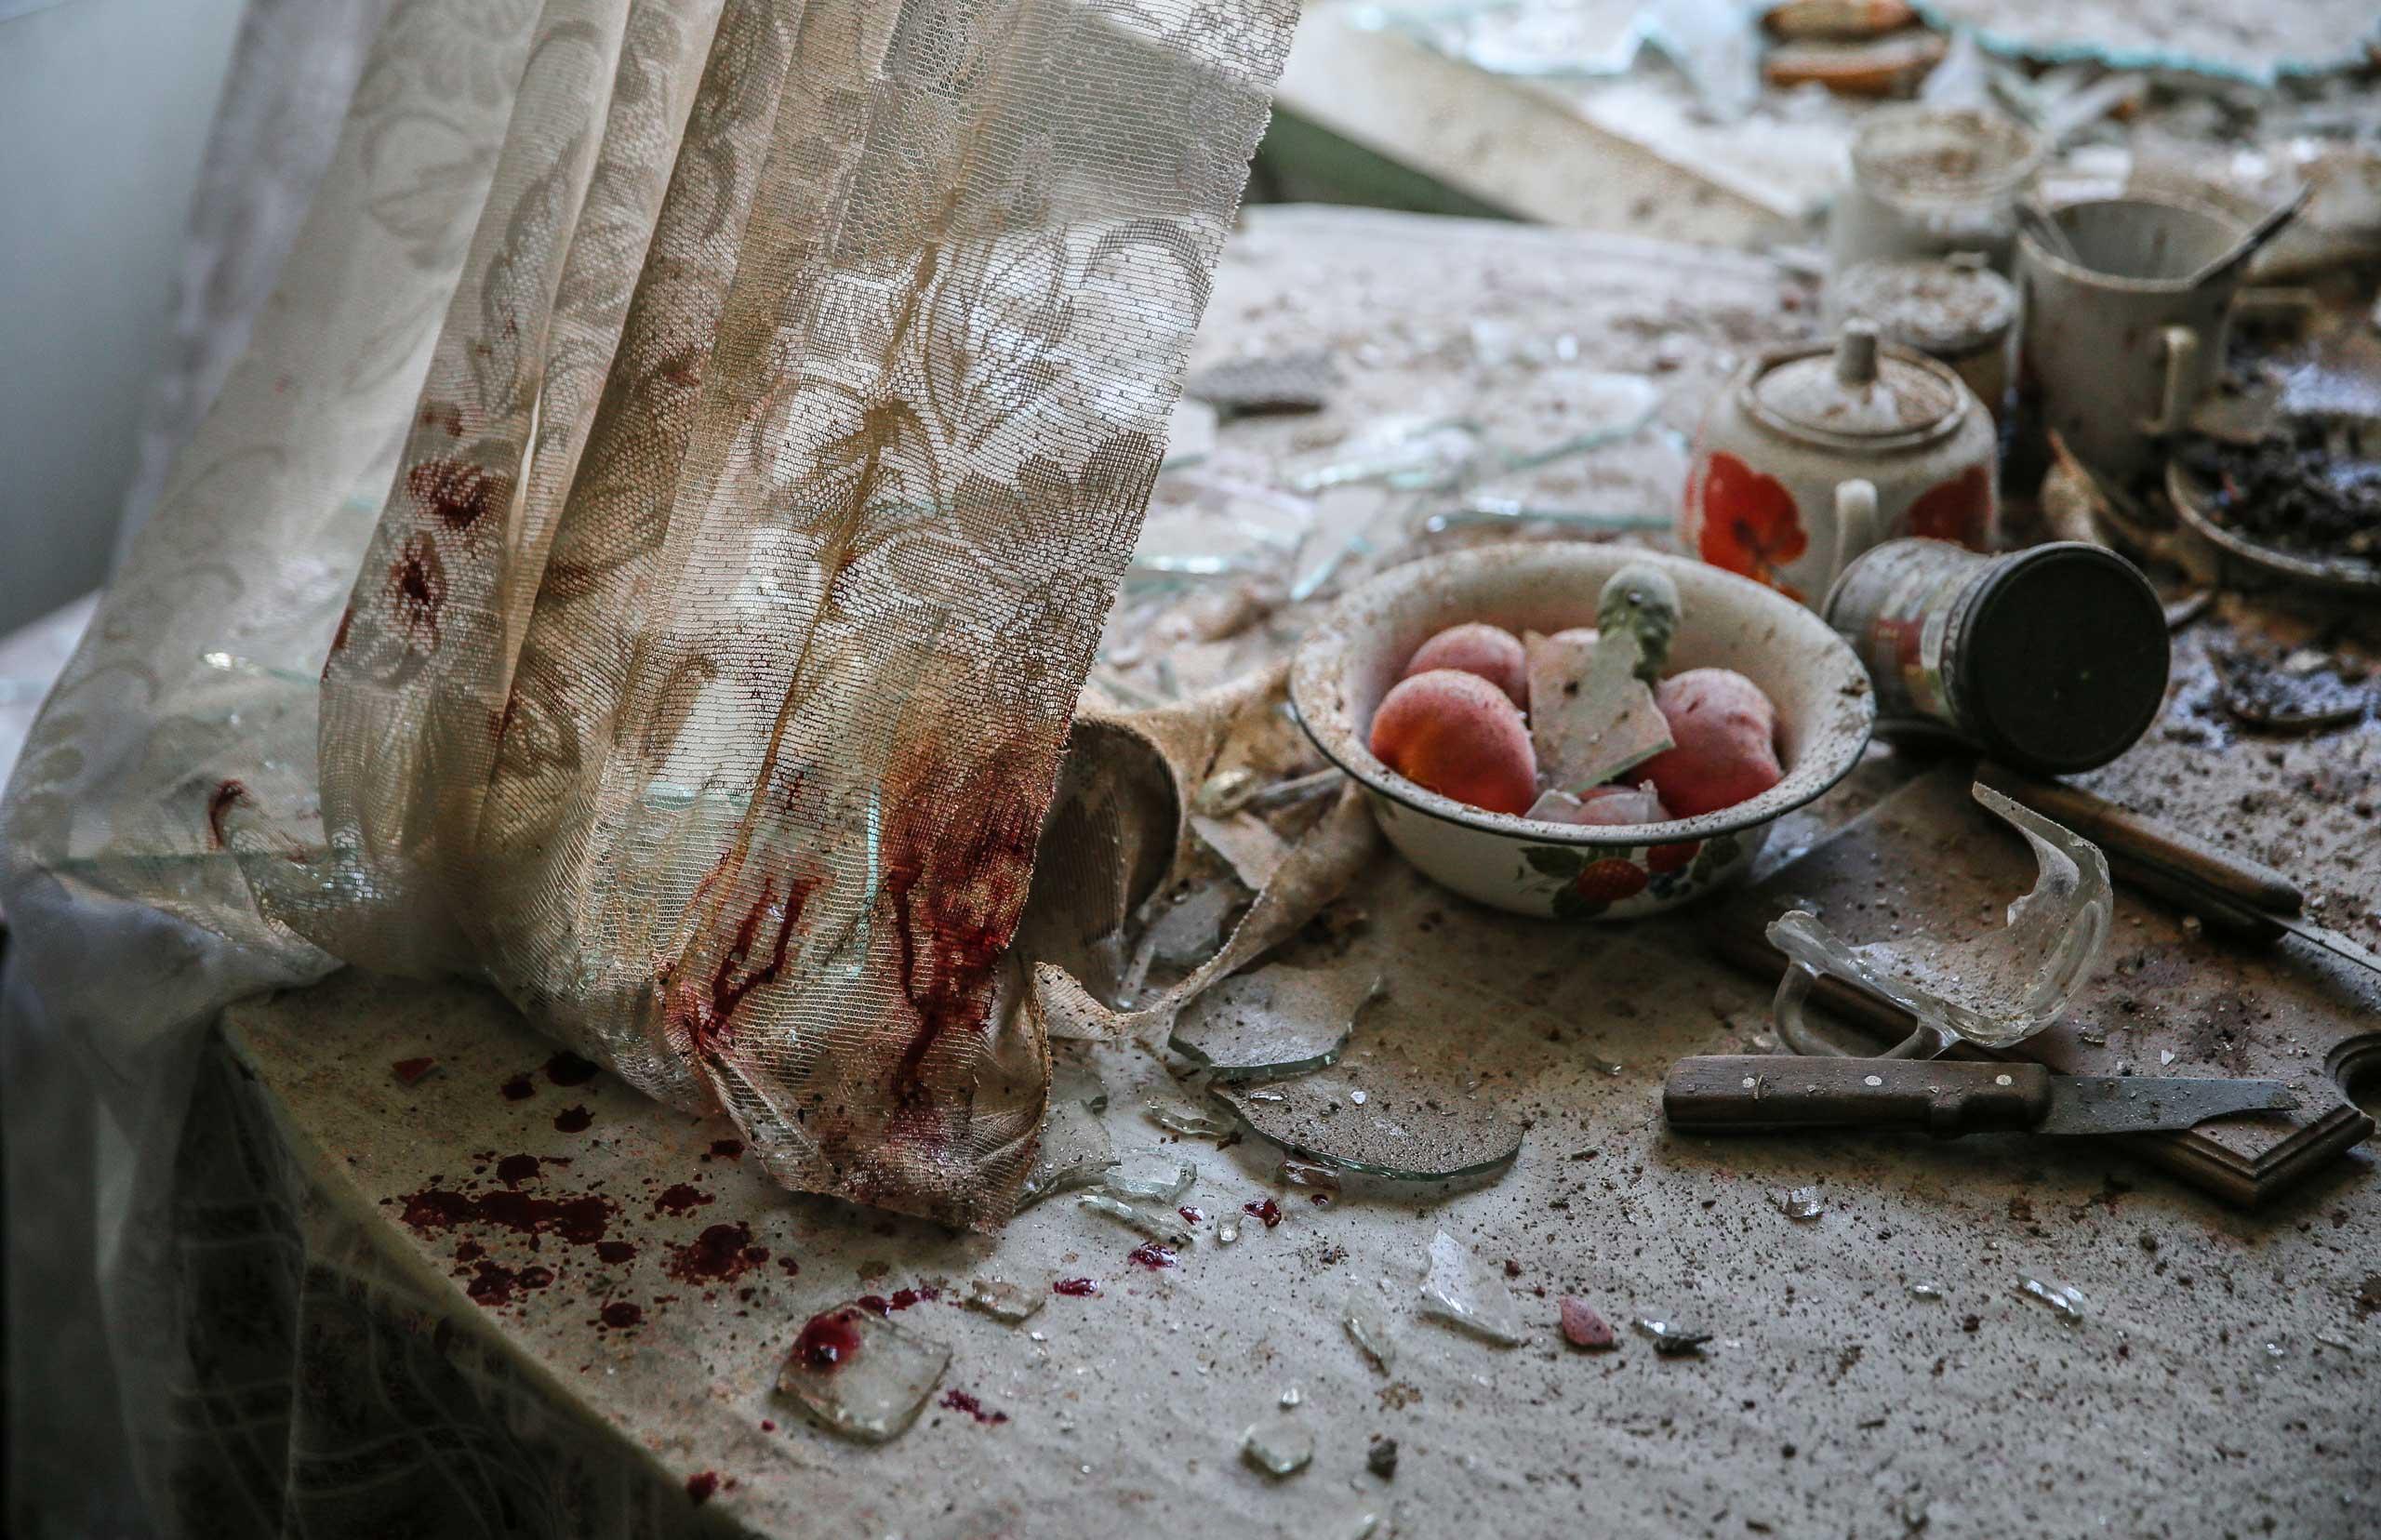 Damaged goods lie in a damaged kitchen in downtown Donetsk, Ukraine, Aug. 26, 2014.